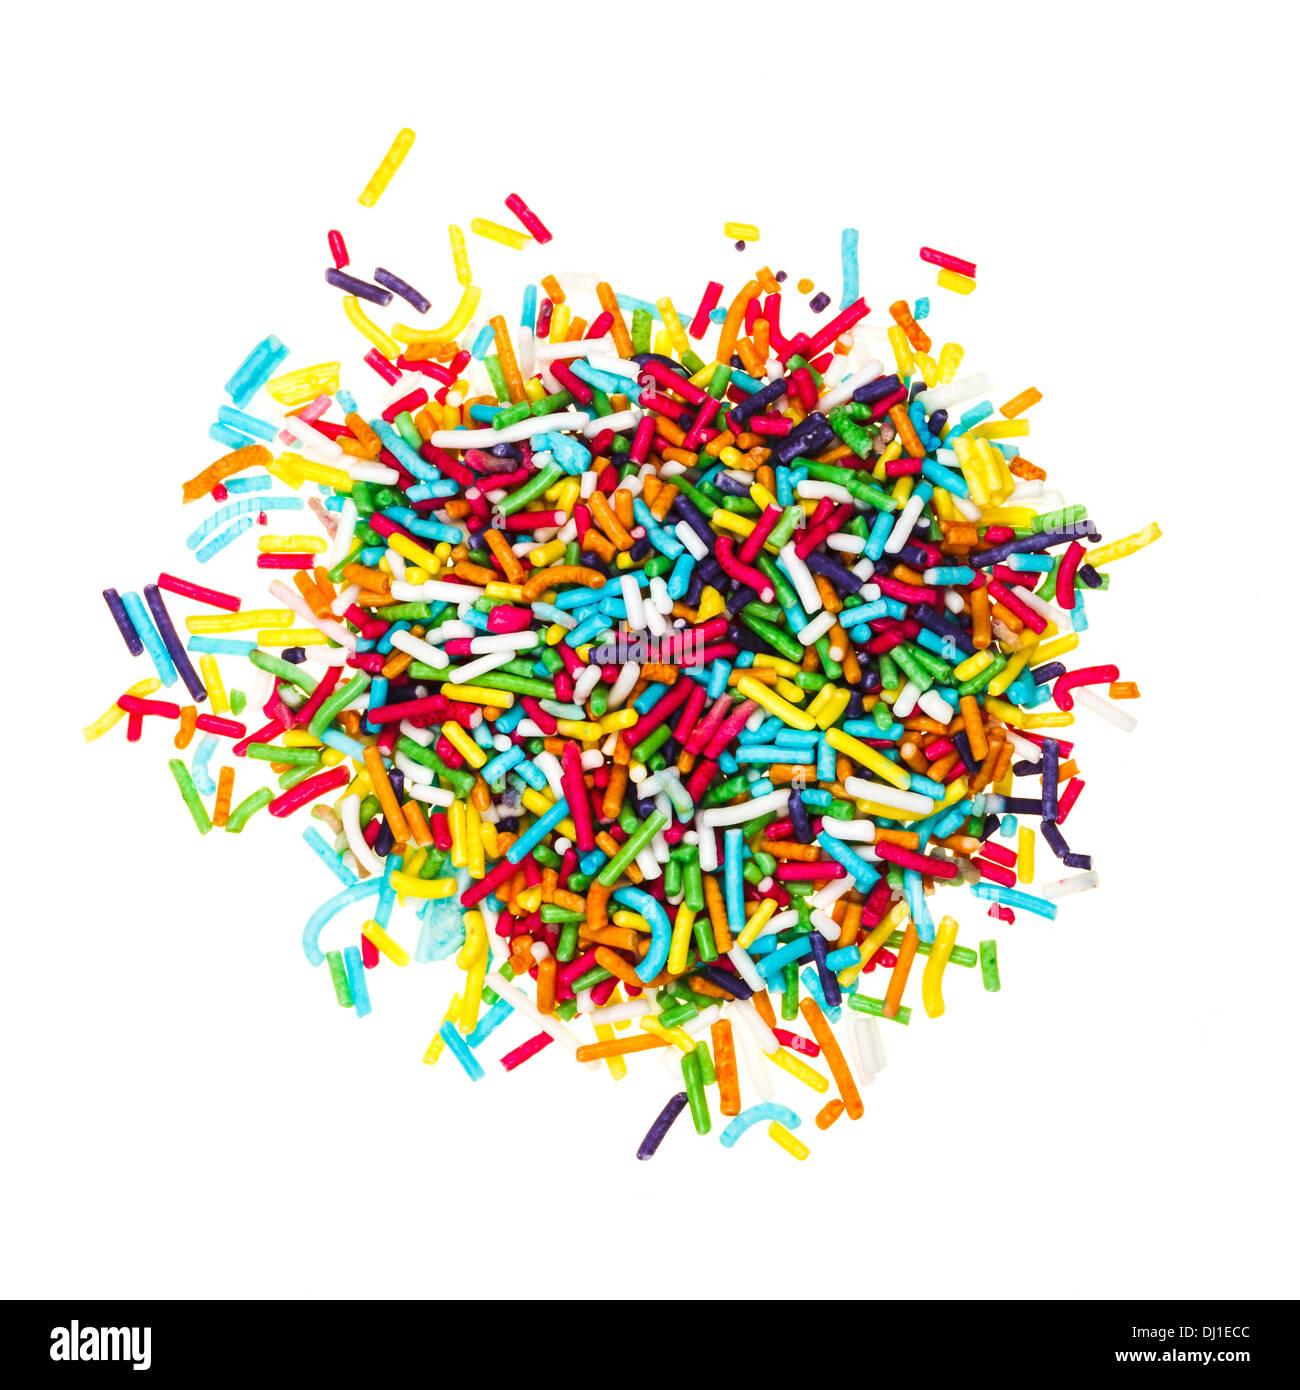 Dekoration, farbigen Zucker Jimmies isoliert auf weißem Hintergrund Stockfoto